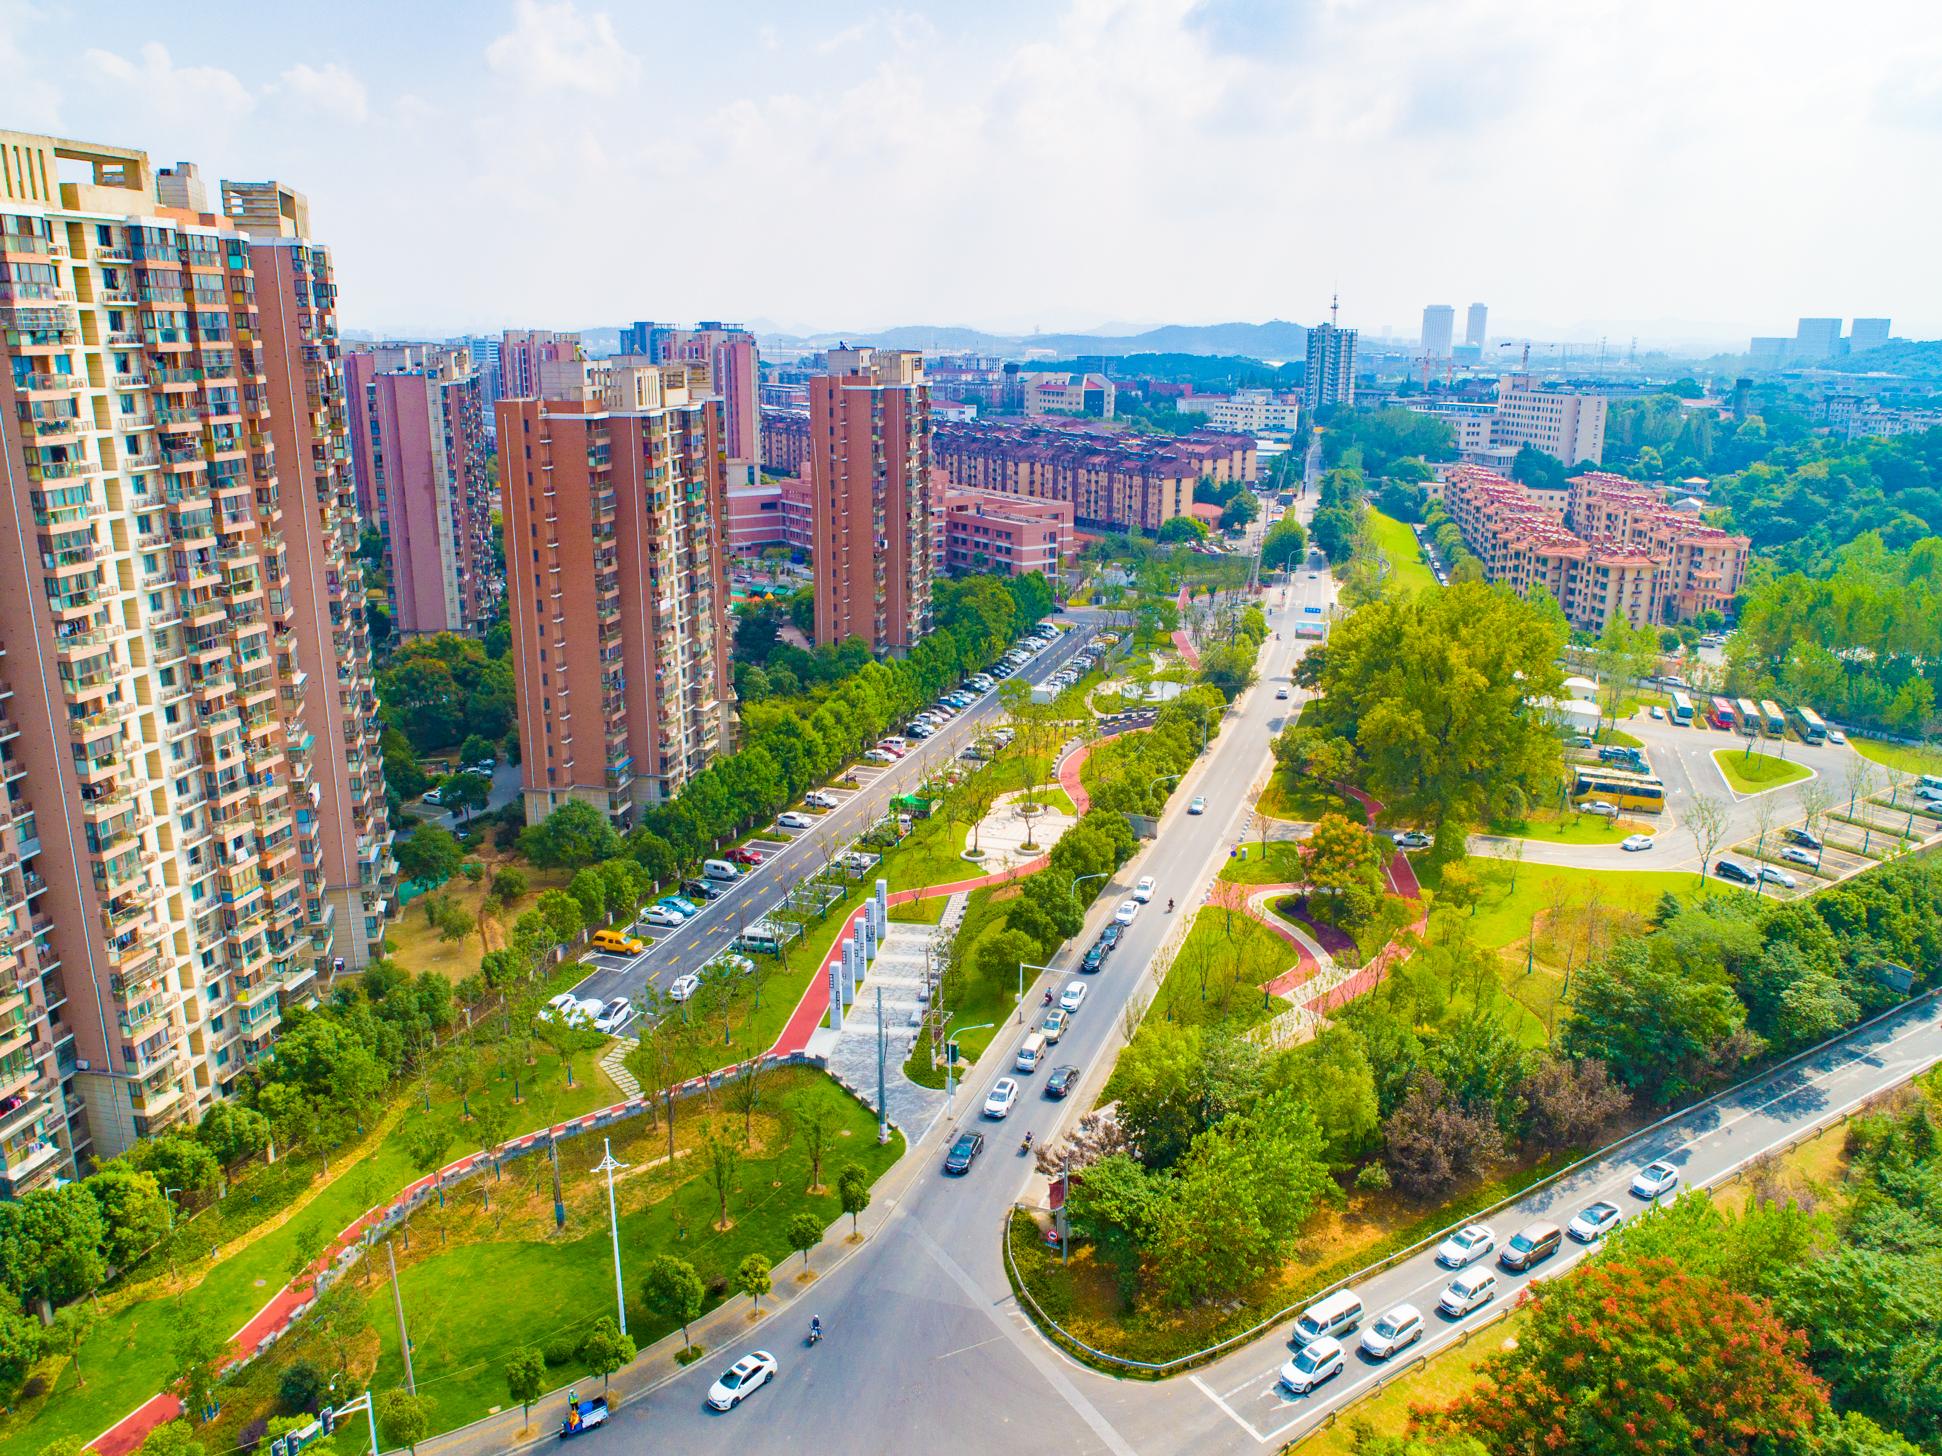 明外郭百里风光带新尧新城段口袋公园。南京市绿化园林局供图